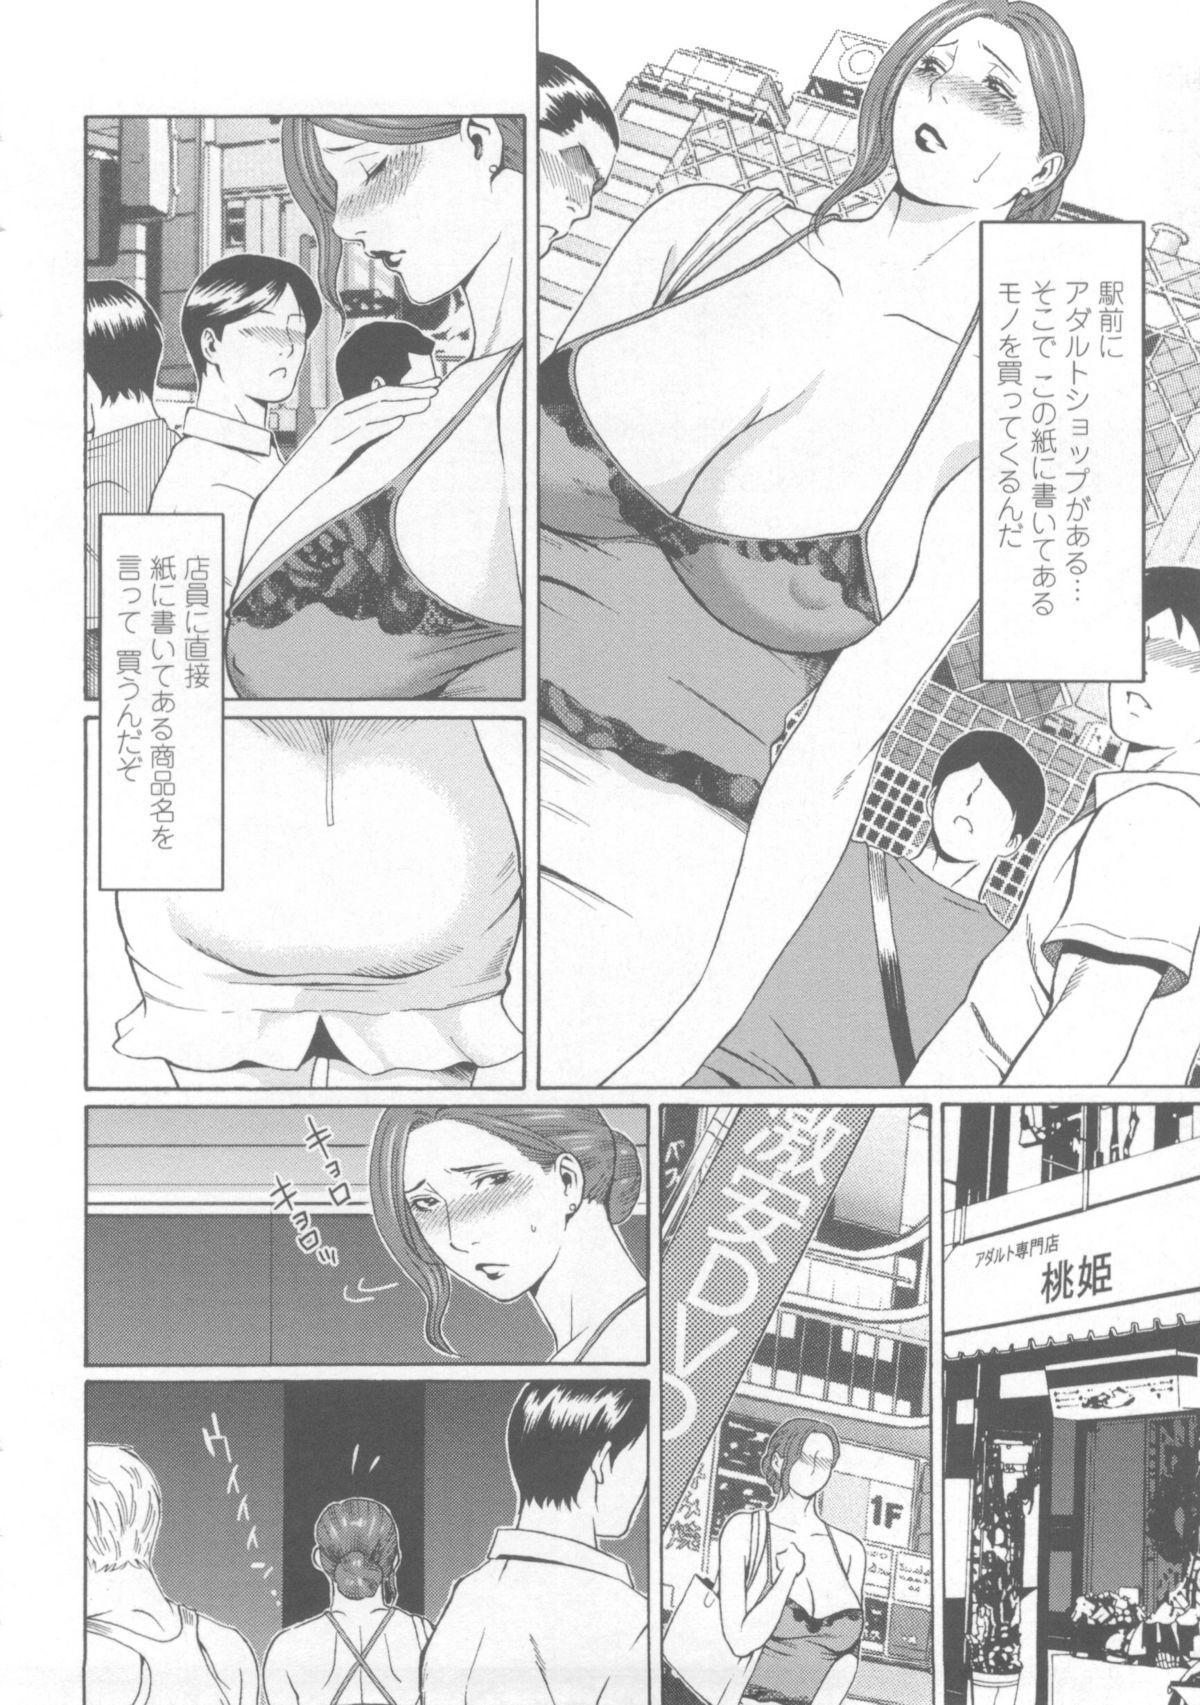 Etsuraku no Tobira - The Door of Sexual Pleasure 138